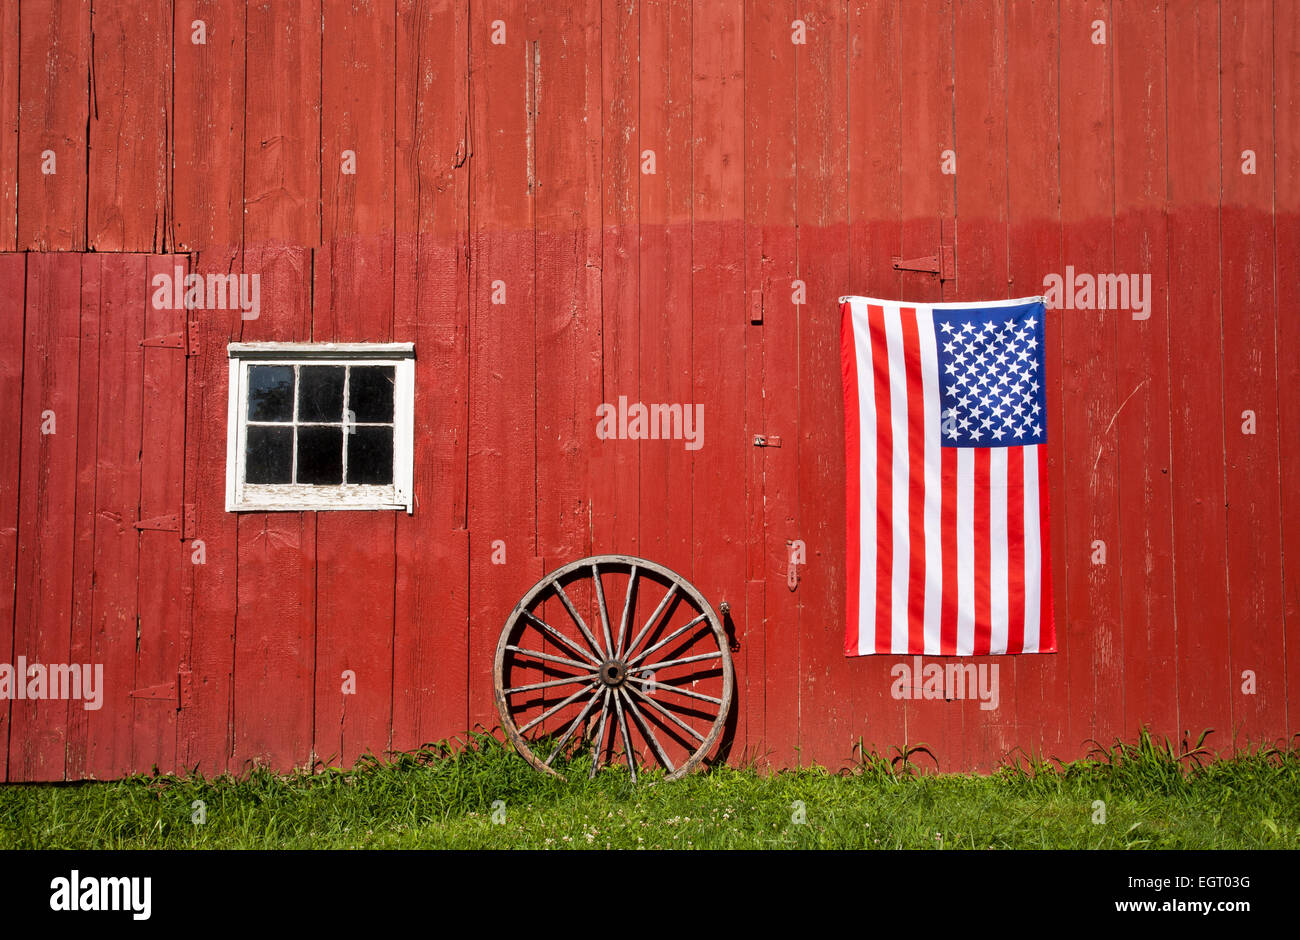 Historische rote Scheune in der Nähe mit der US-Flagge und ein antikes Wagenrad auf einem Bauernhof, Middlesex Stockbild